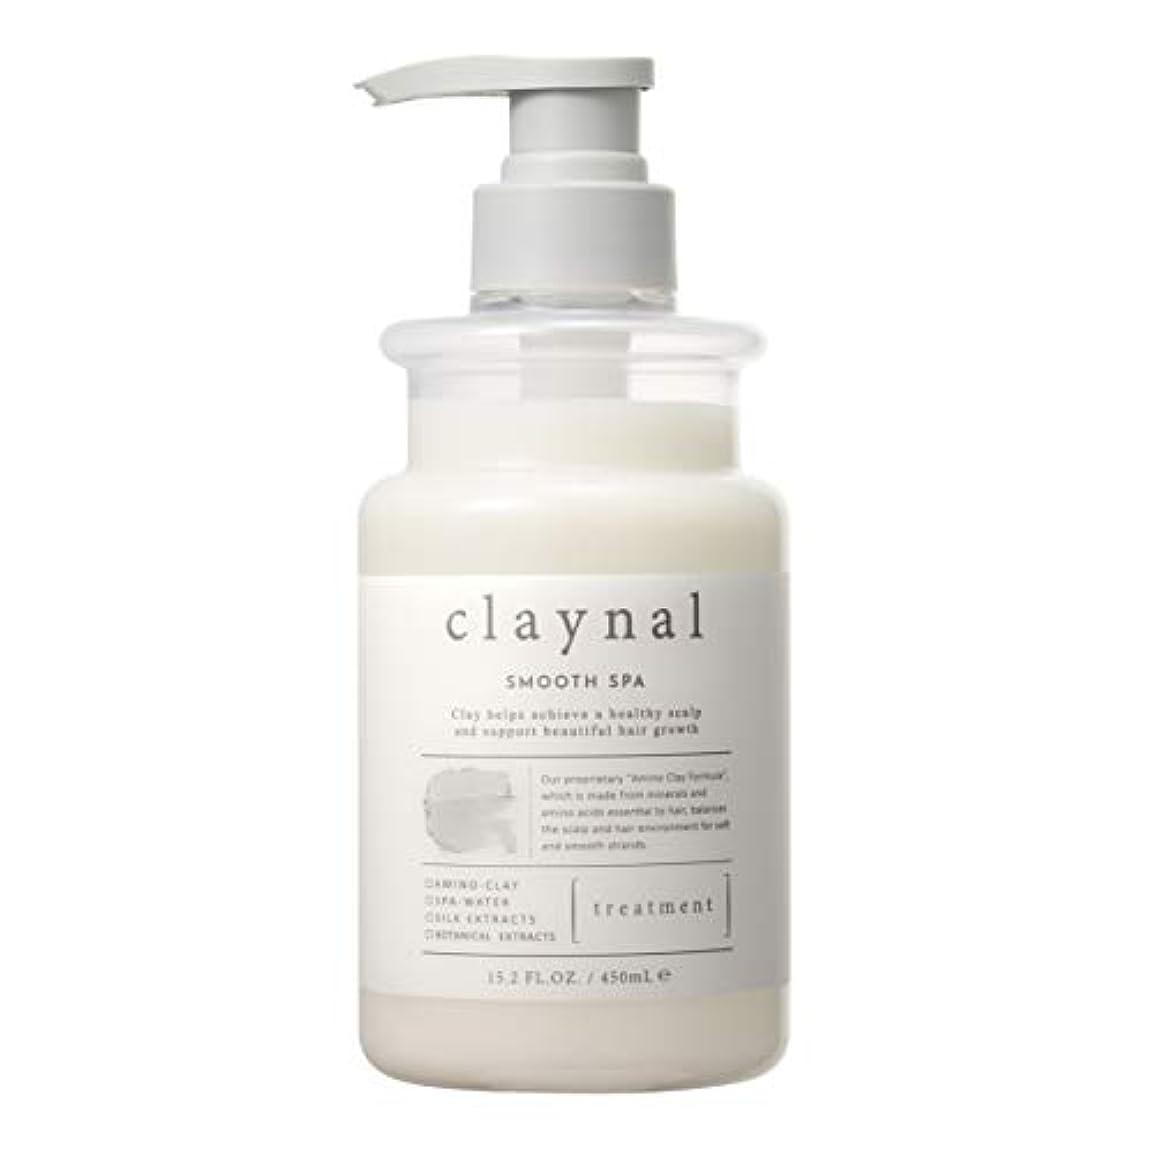 溢れんばかりの許可する失claynal(クレイナル) クレイナル スムーススパトリートメント 450mL